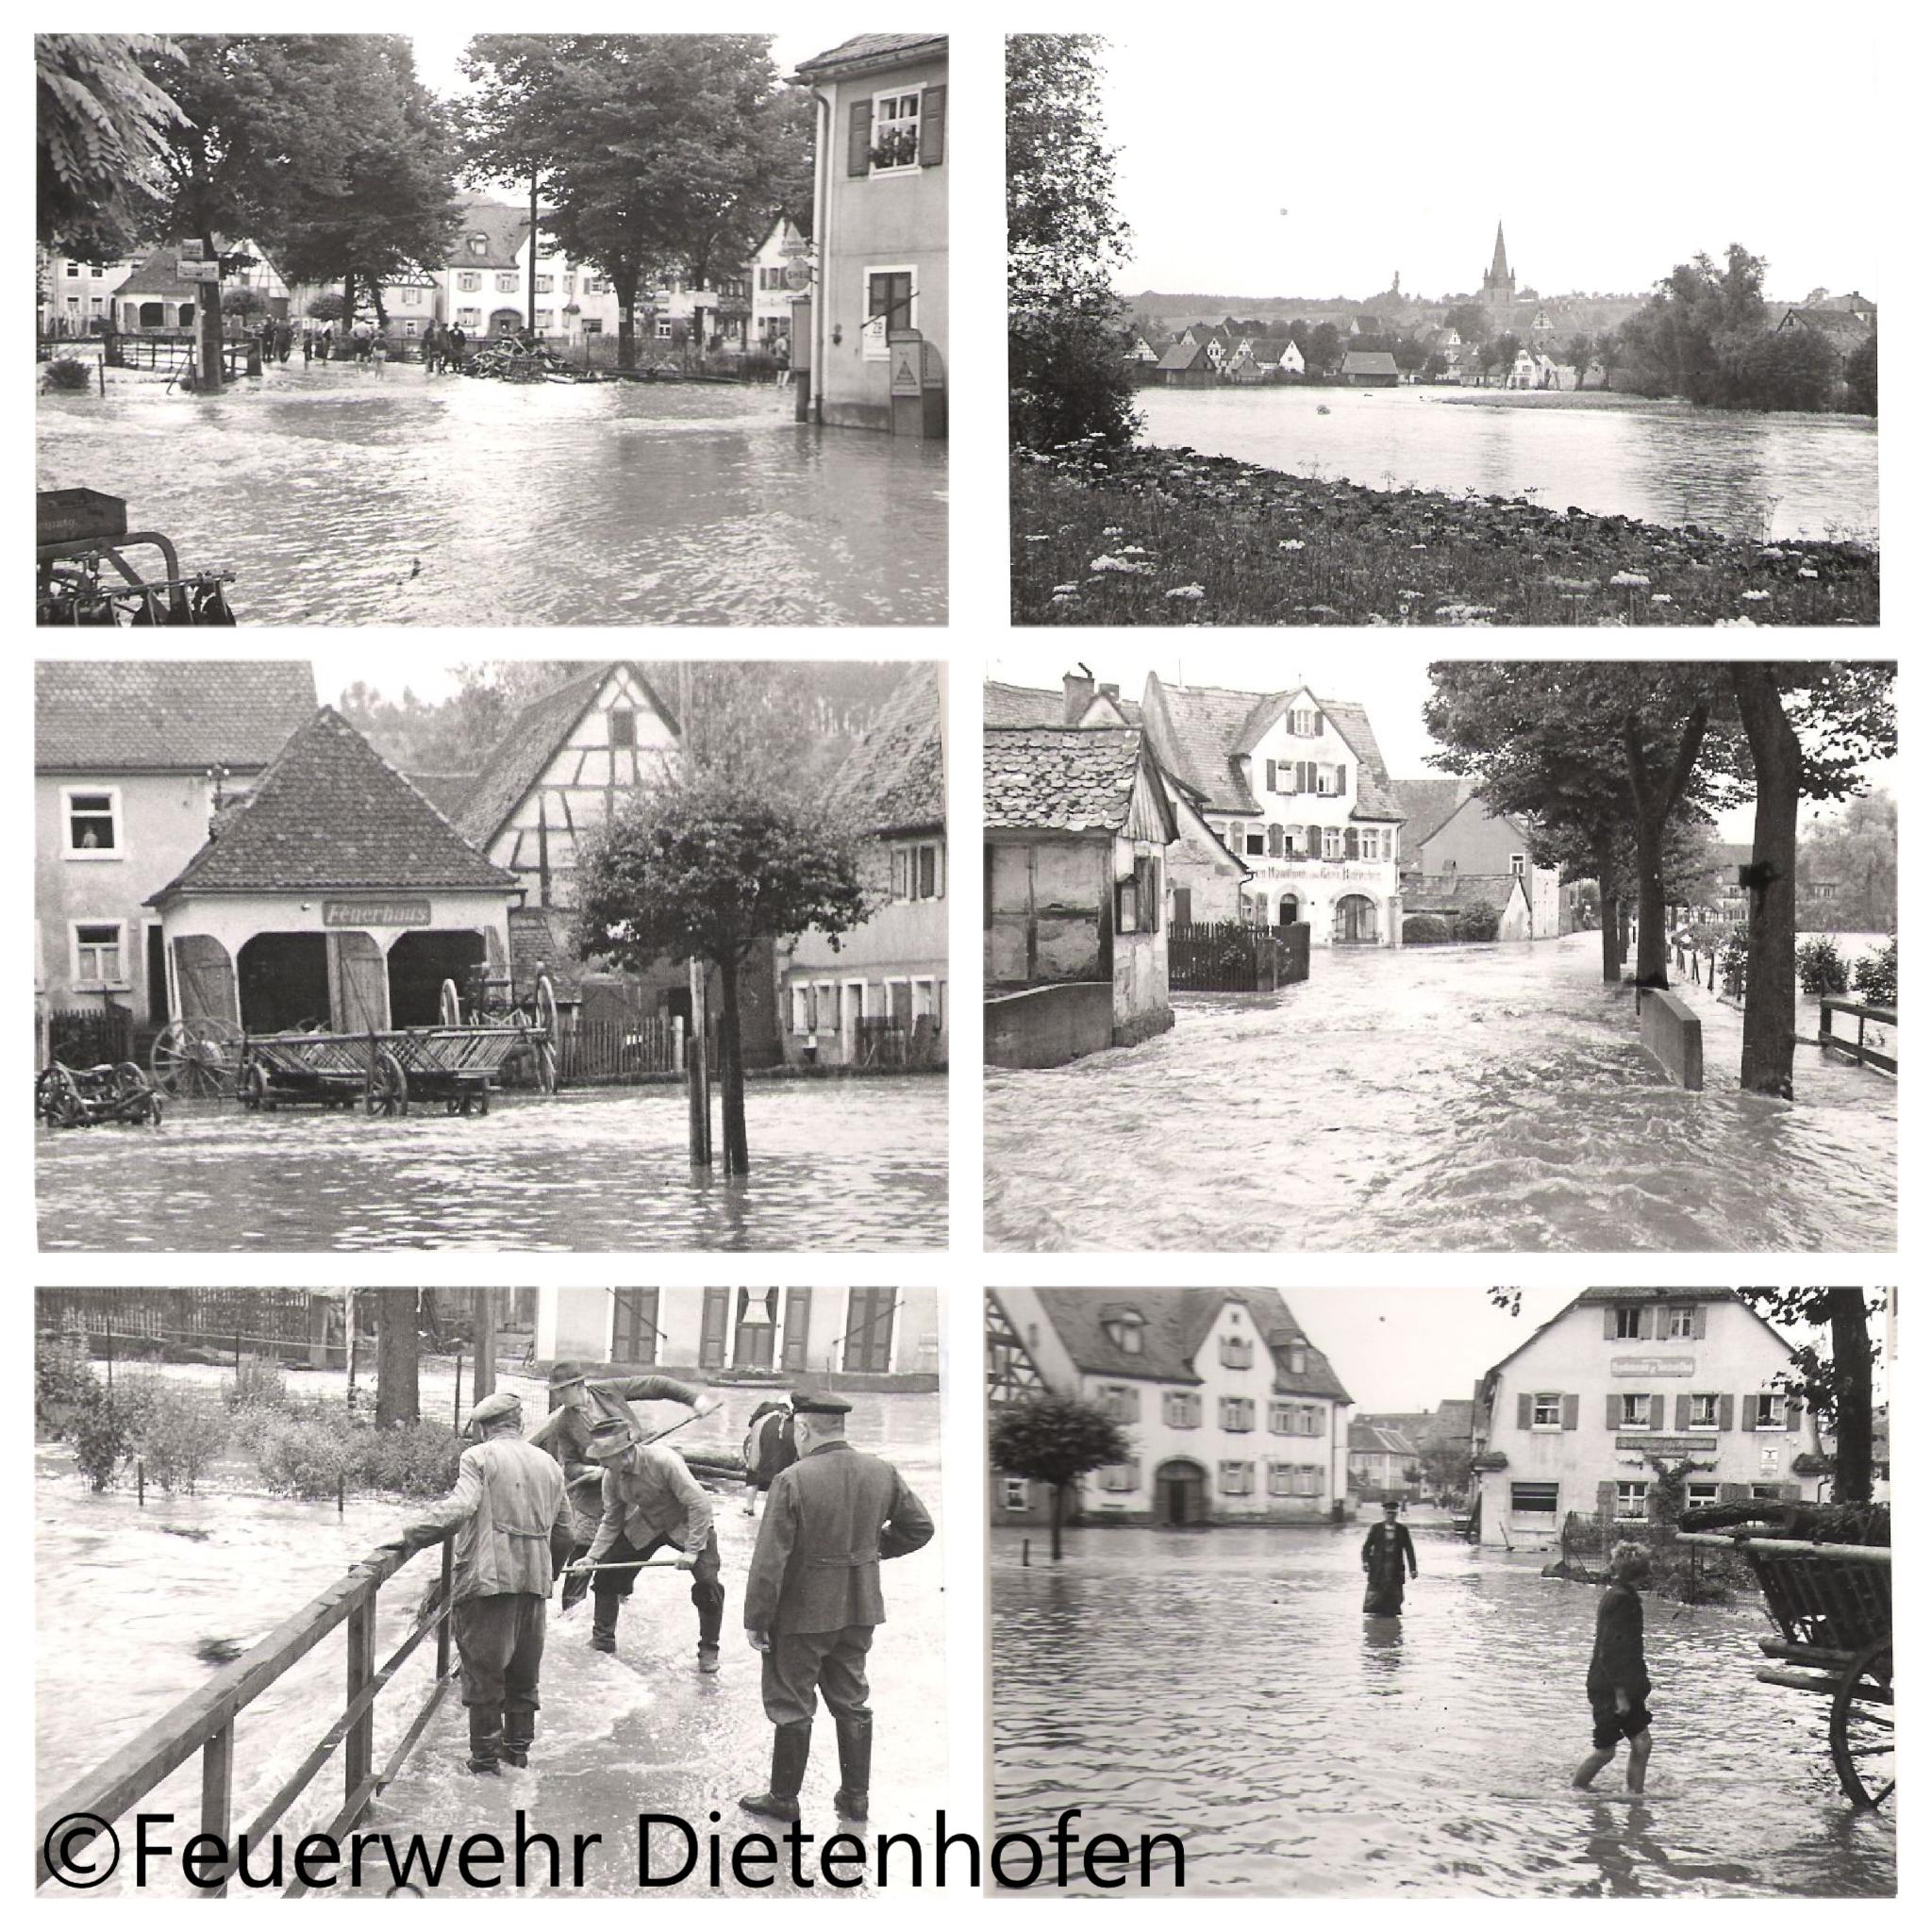 Die Feuerwehr Dietenhofen im Wandel der Zeit – Hochwasser im 2. Weltkrieg